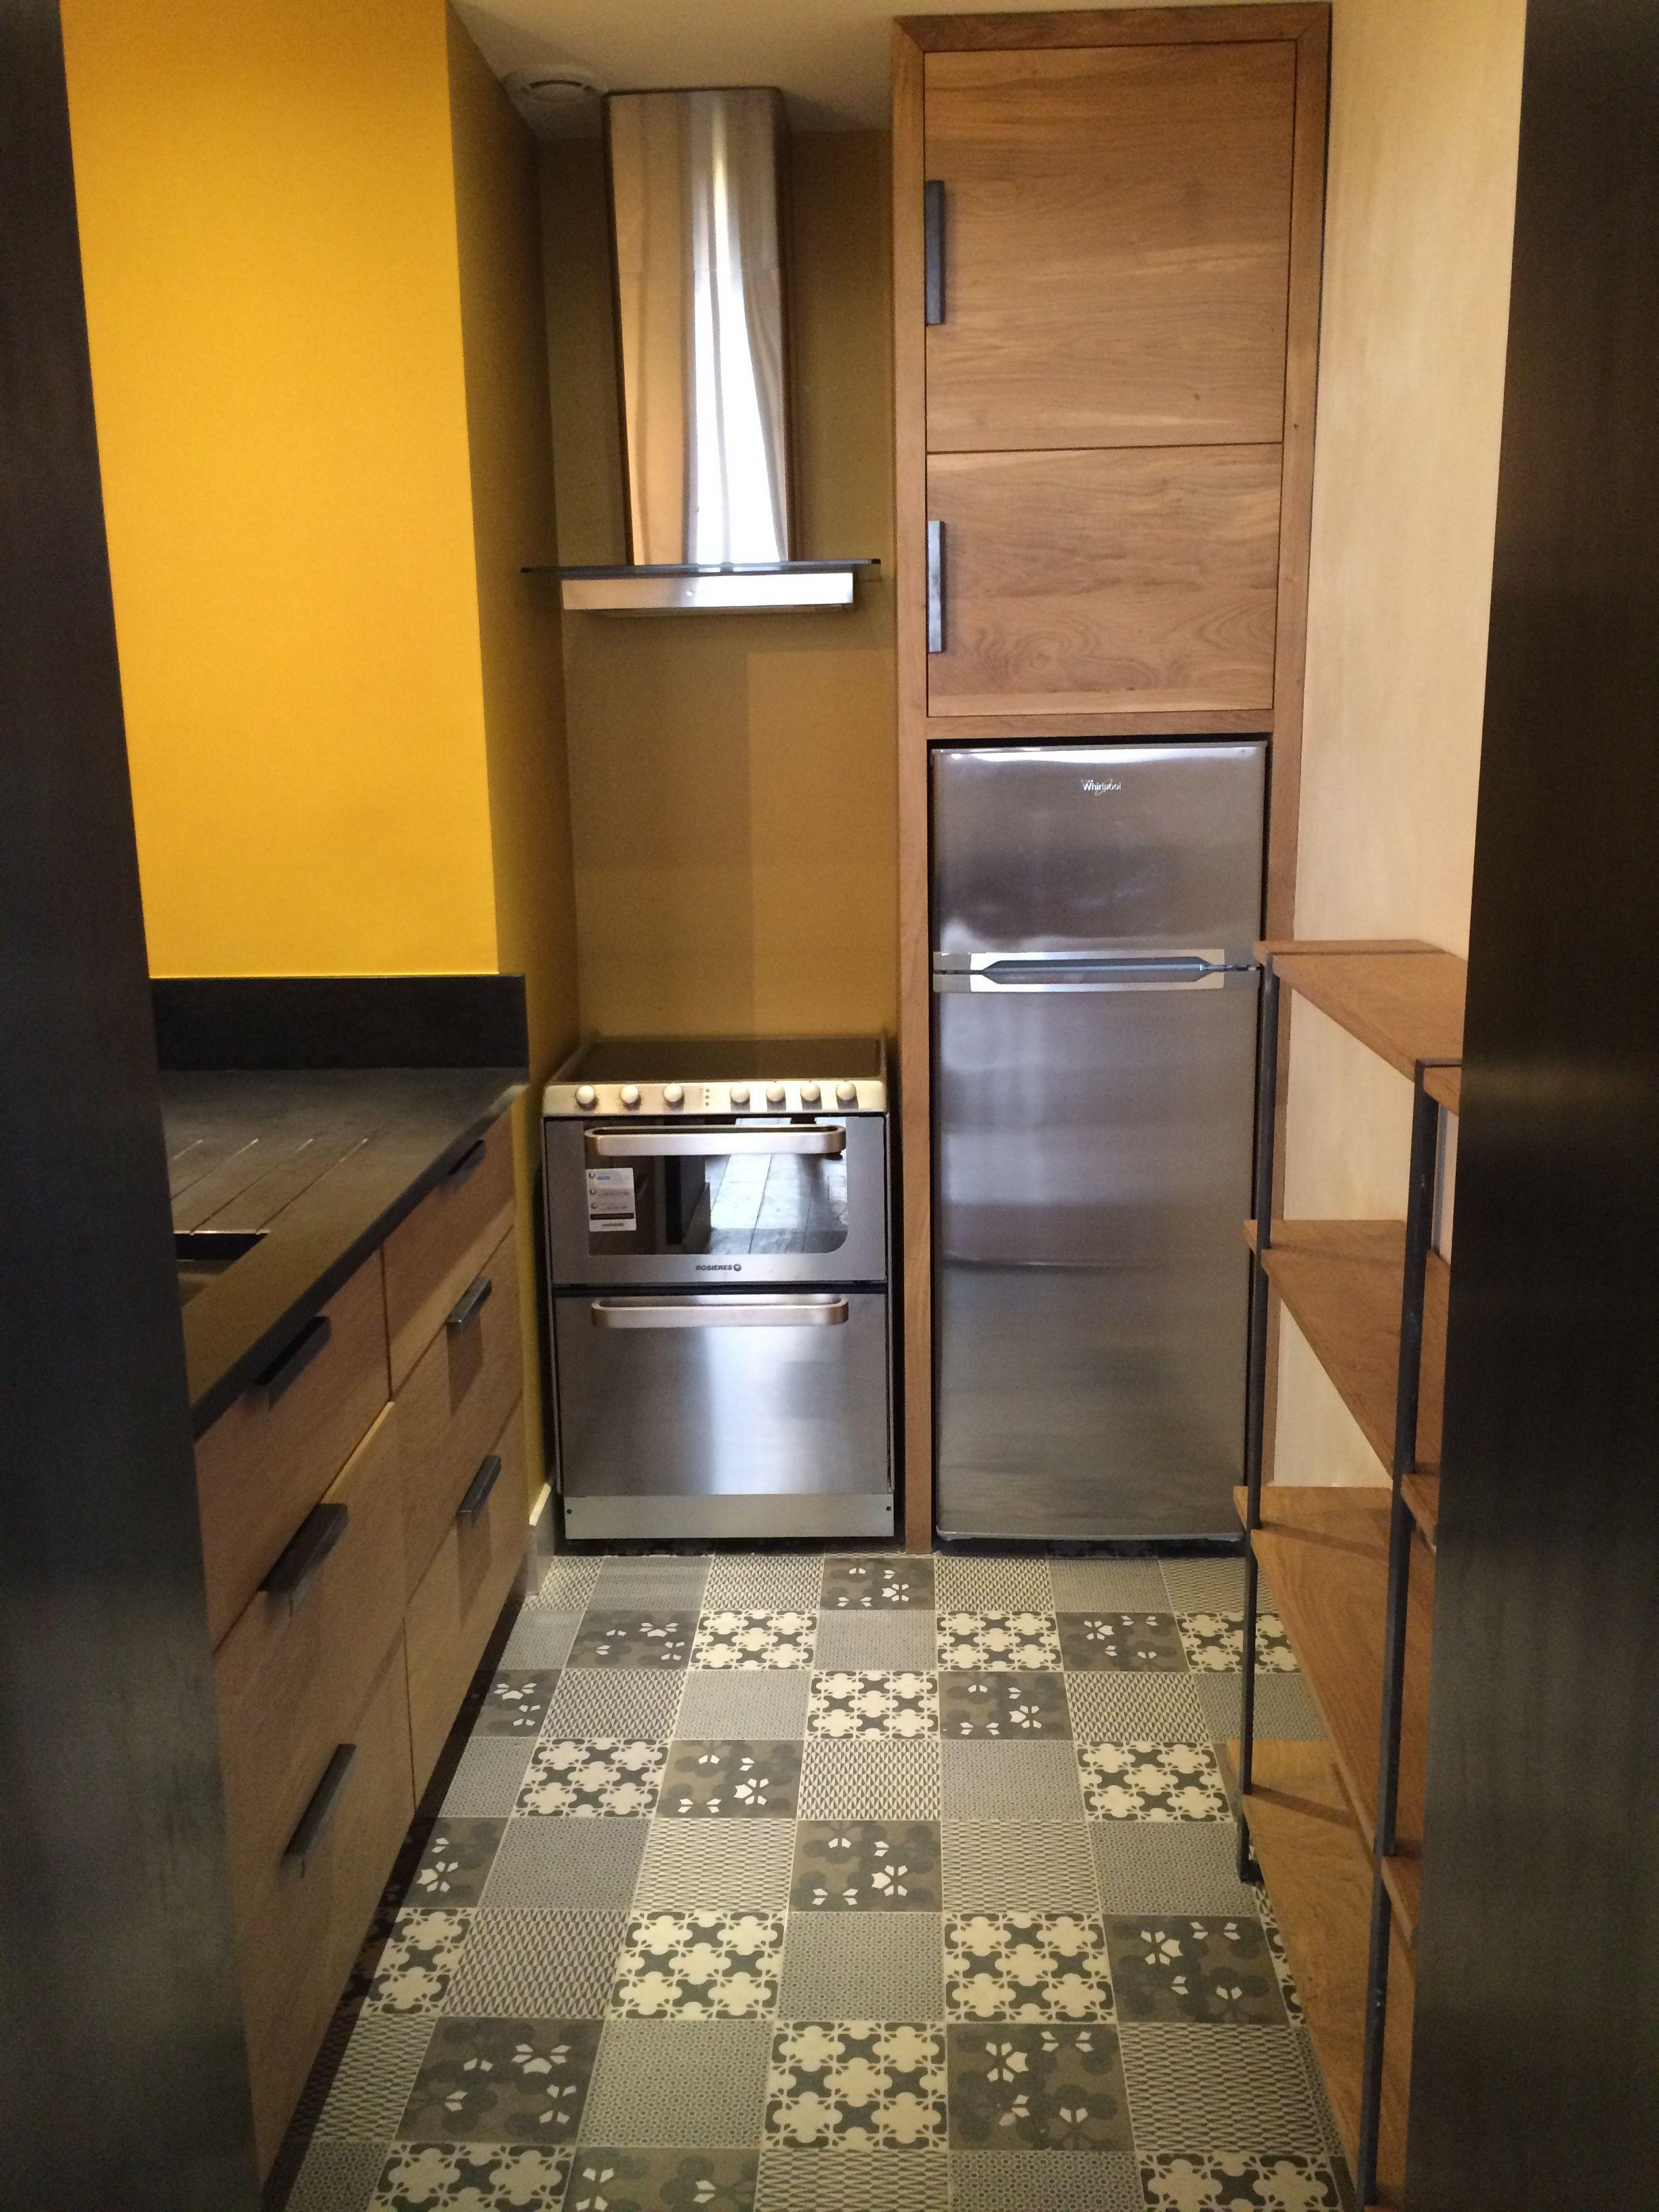 cuisine #chêne #bois #carreaux #ciment #inox Typic Design a réalisé ...